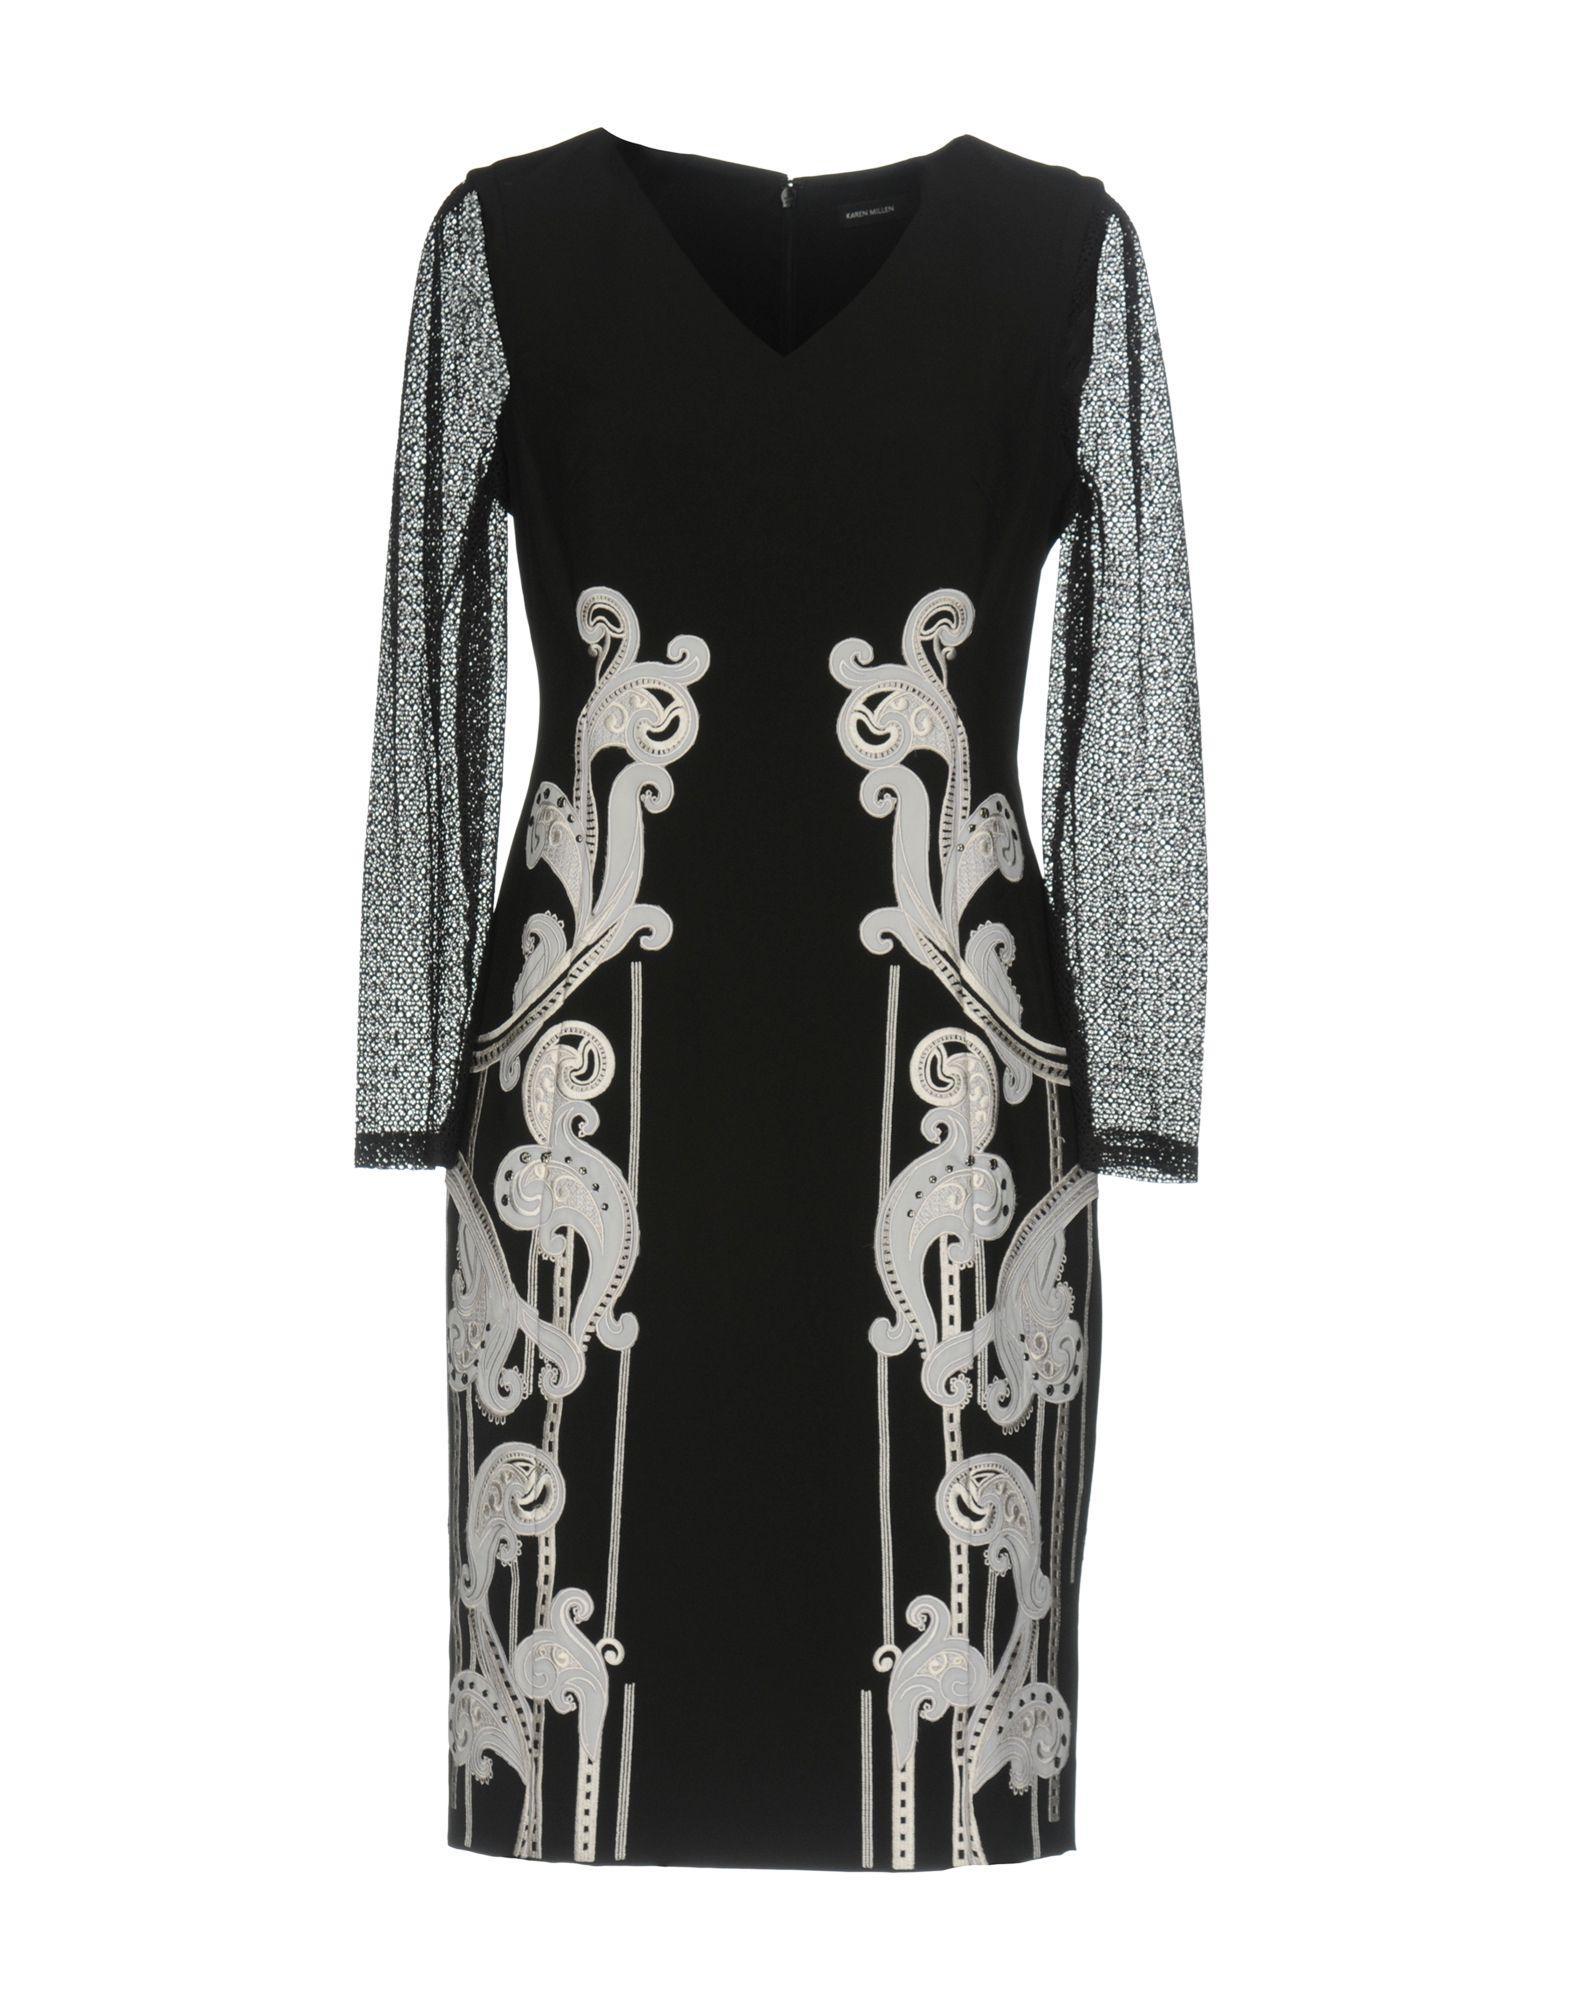 Karen Millen Short Dress In Black